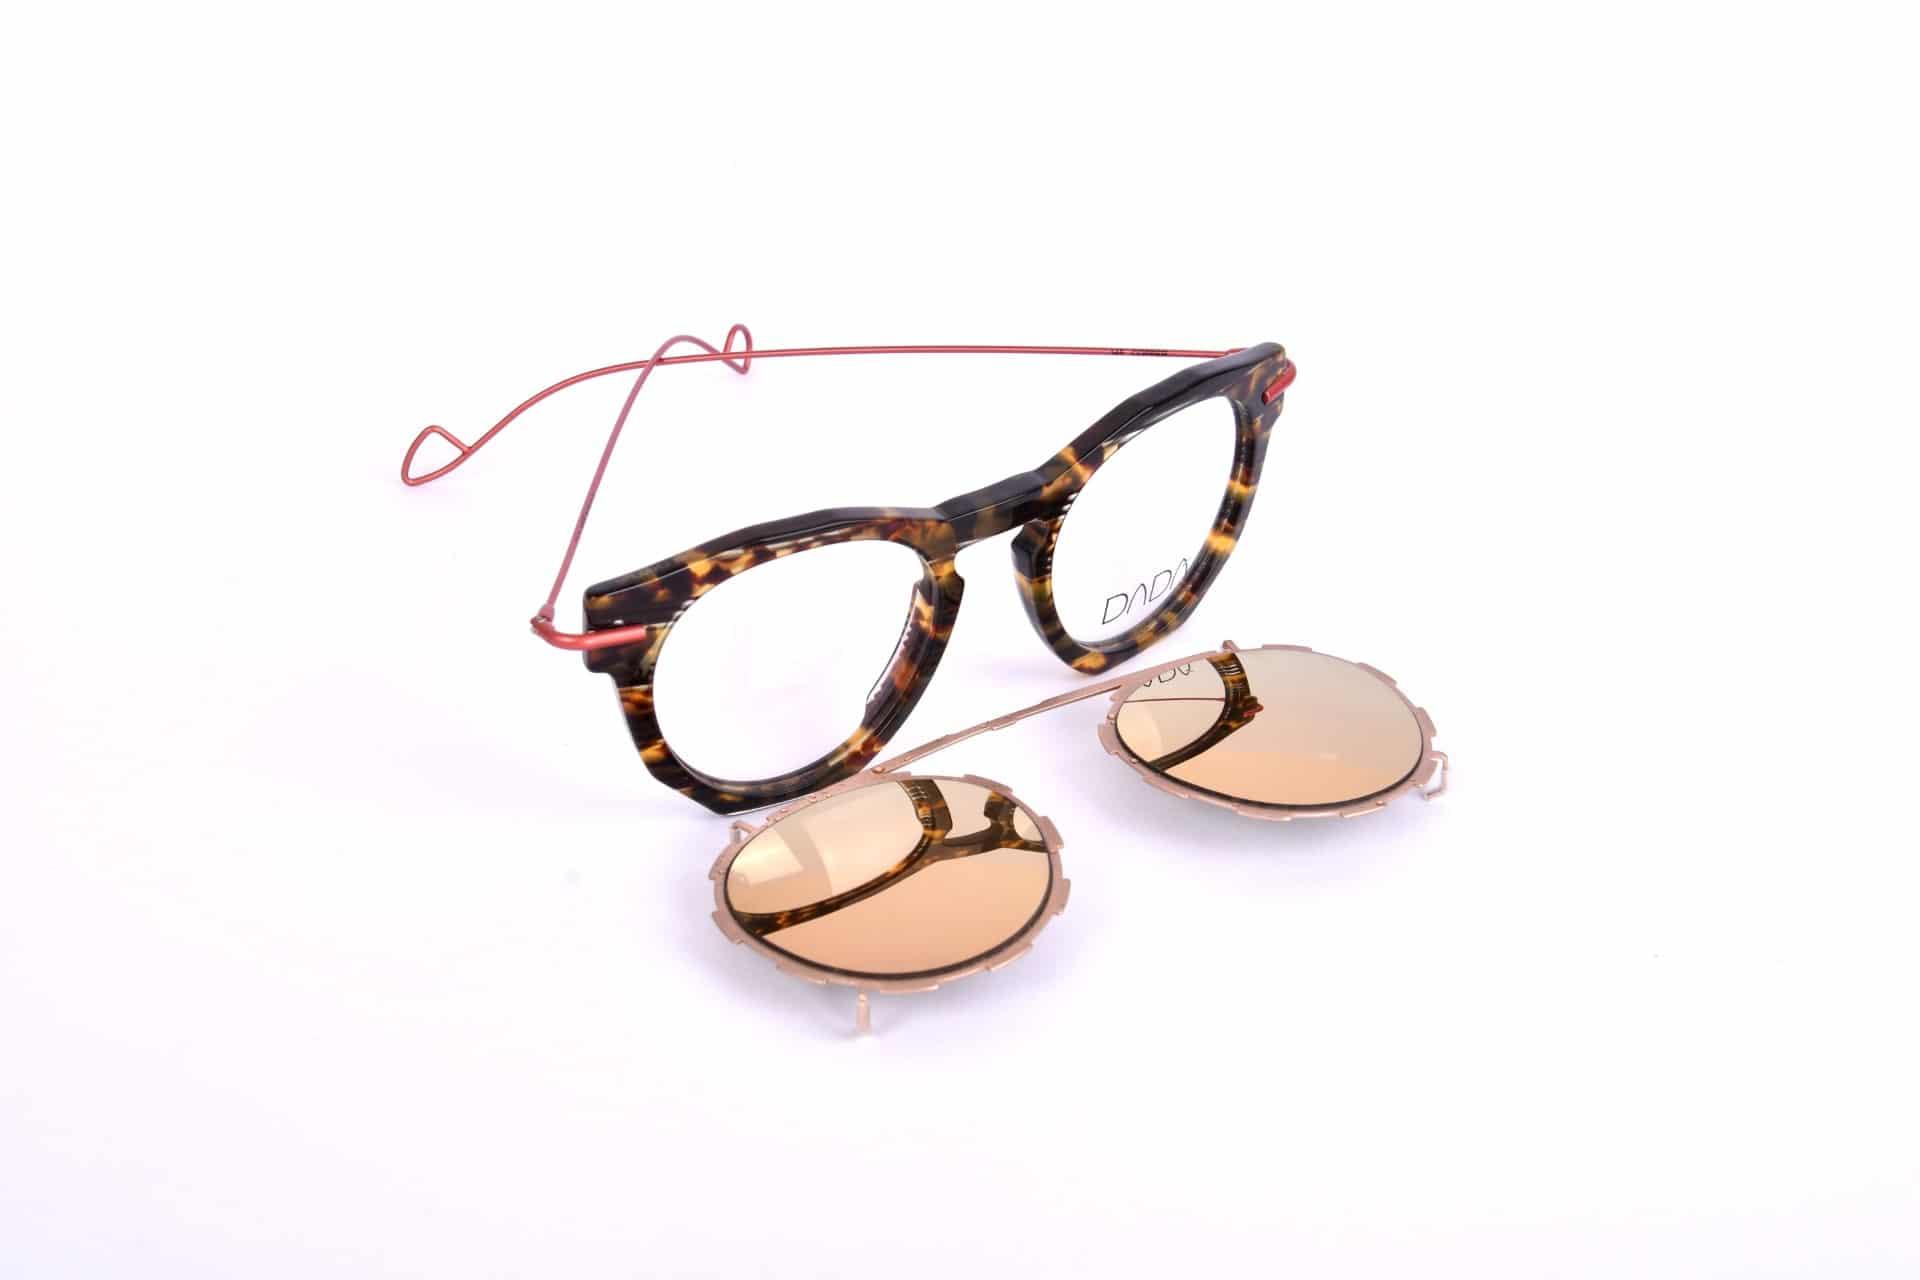 משקפי ראיה צבעוניים - אופטיקה יפעת, אופטומטריסטית מוסמכת בנתניה